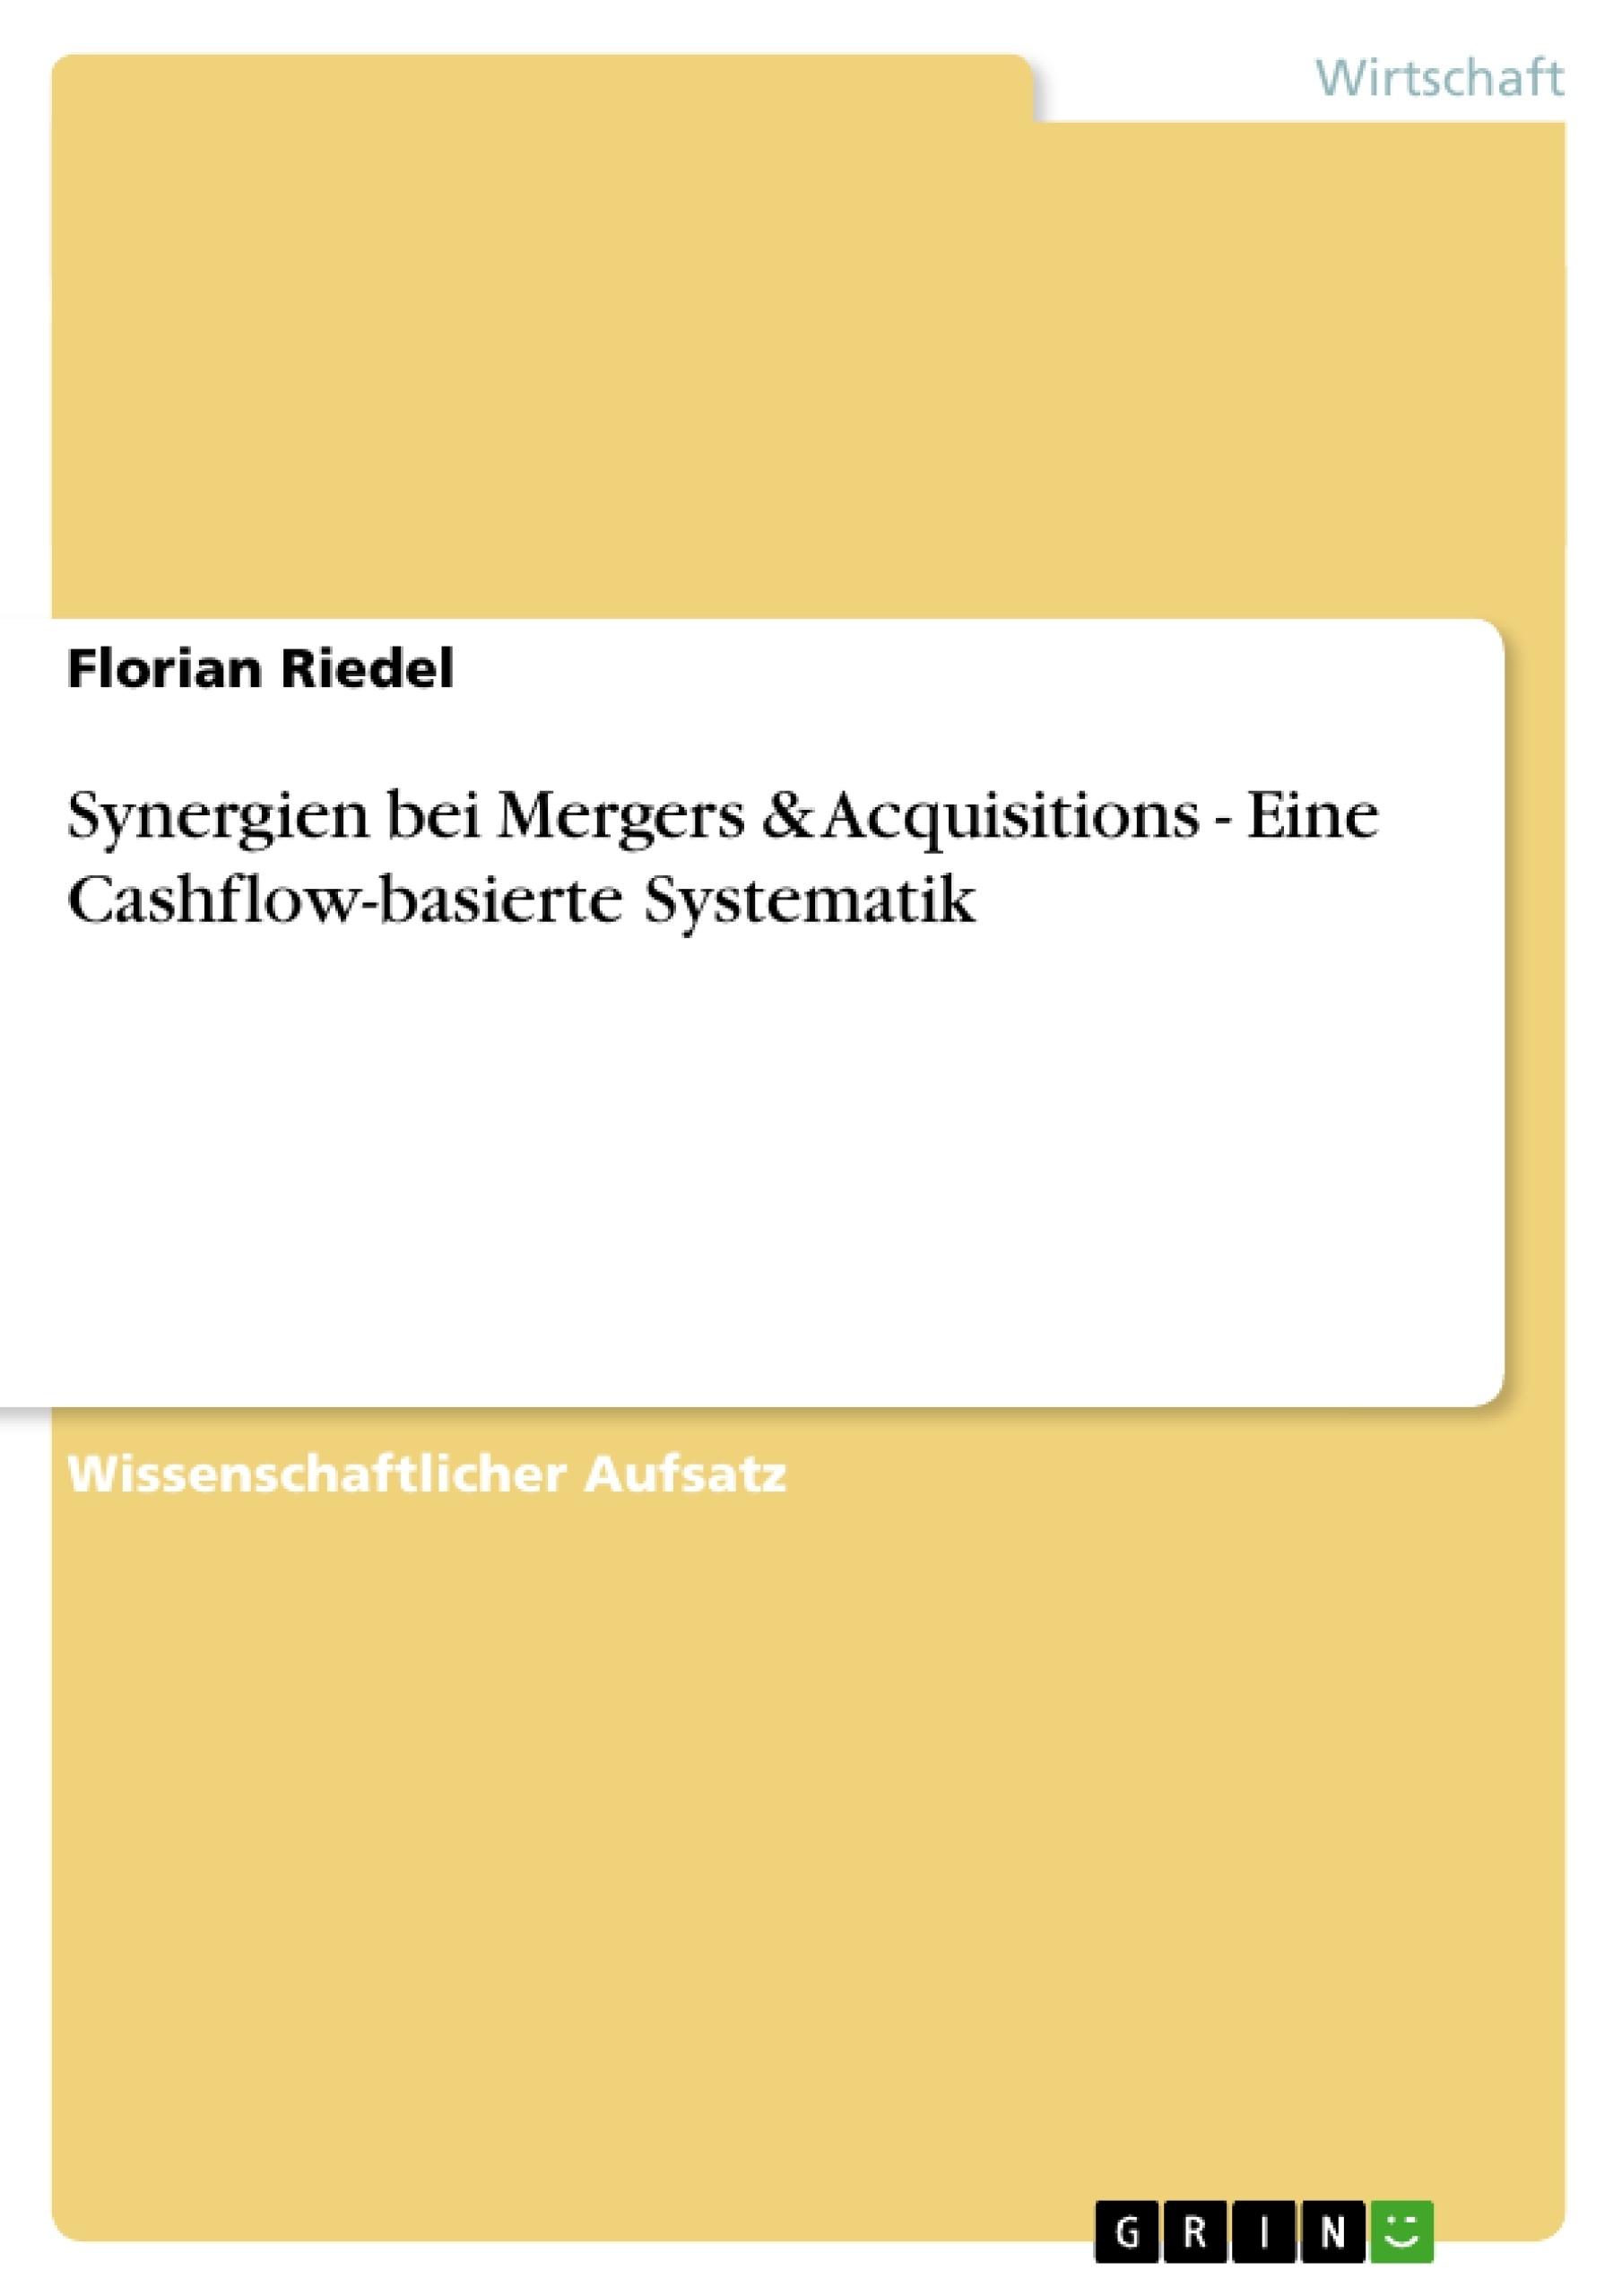 Titel: Synergien bei Mergers & Acquisitions - Eine Cashflow-basierte Systematik